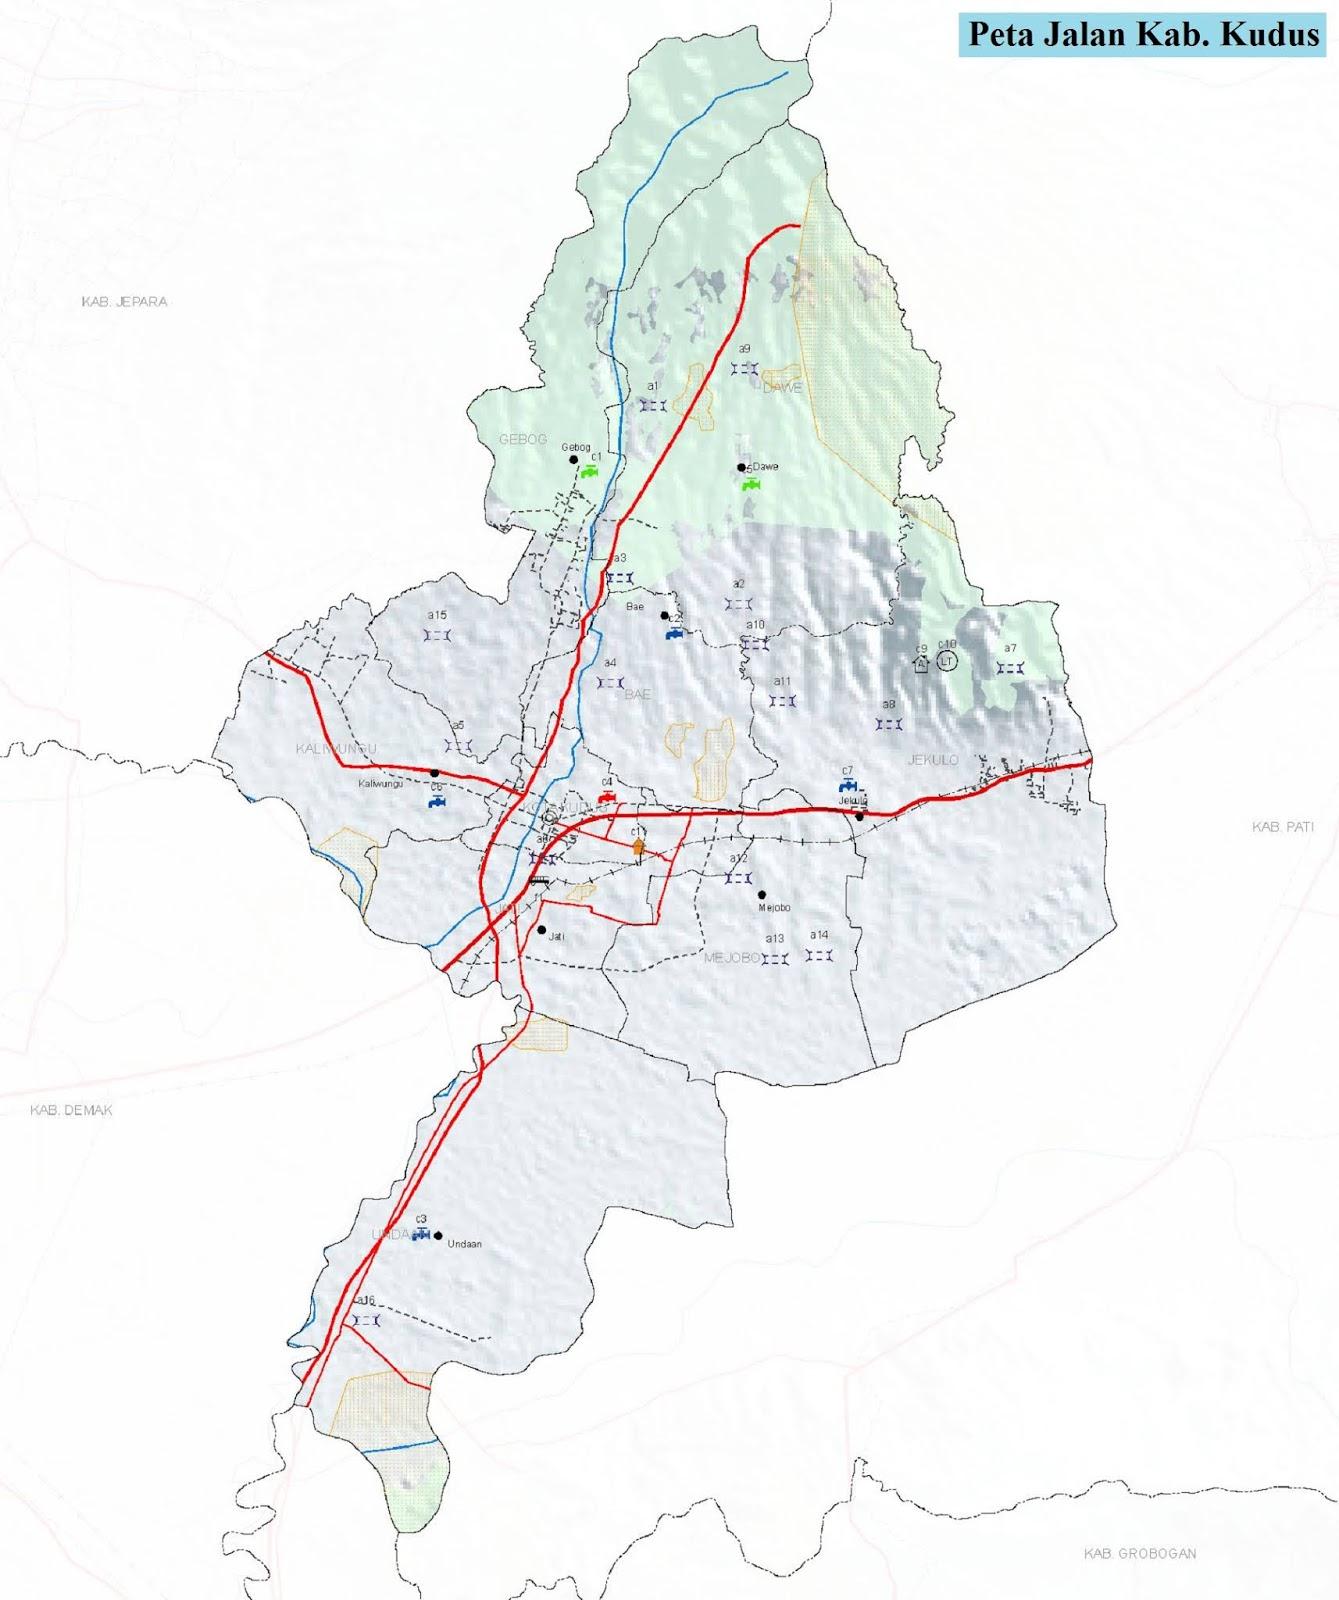 Peta Kabupaten Kudus HD